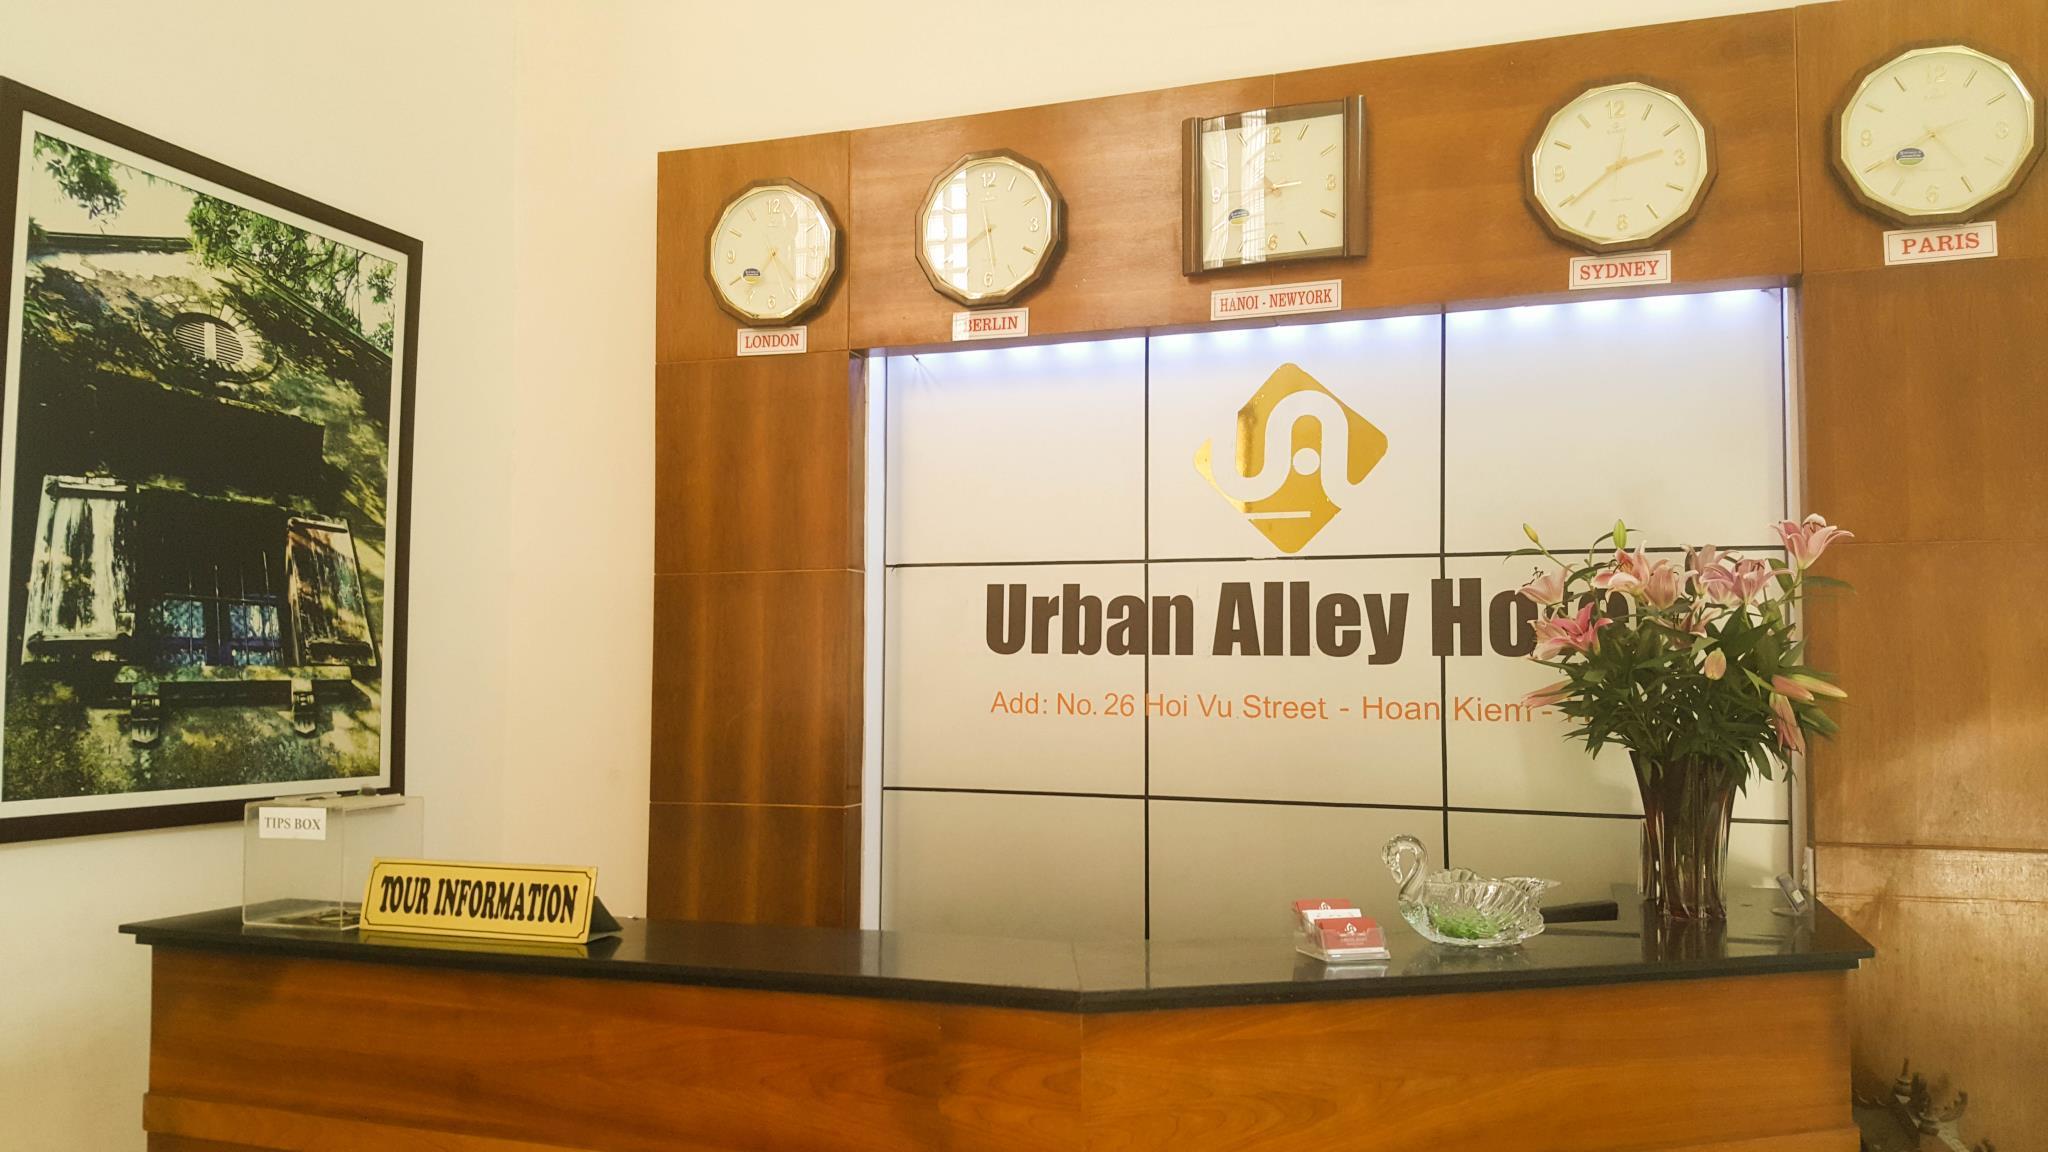 Urban Alley Hotel